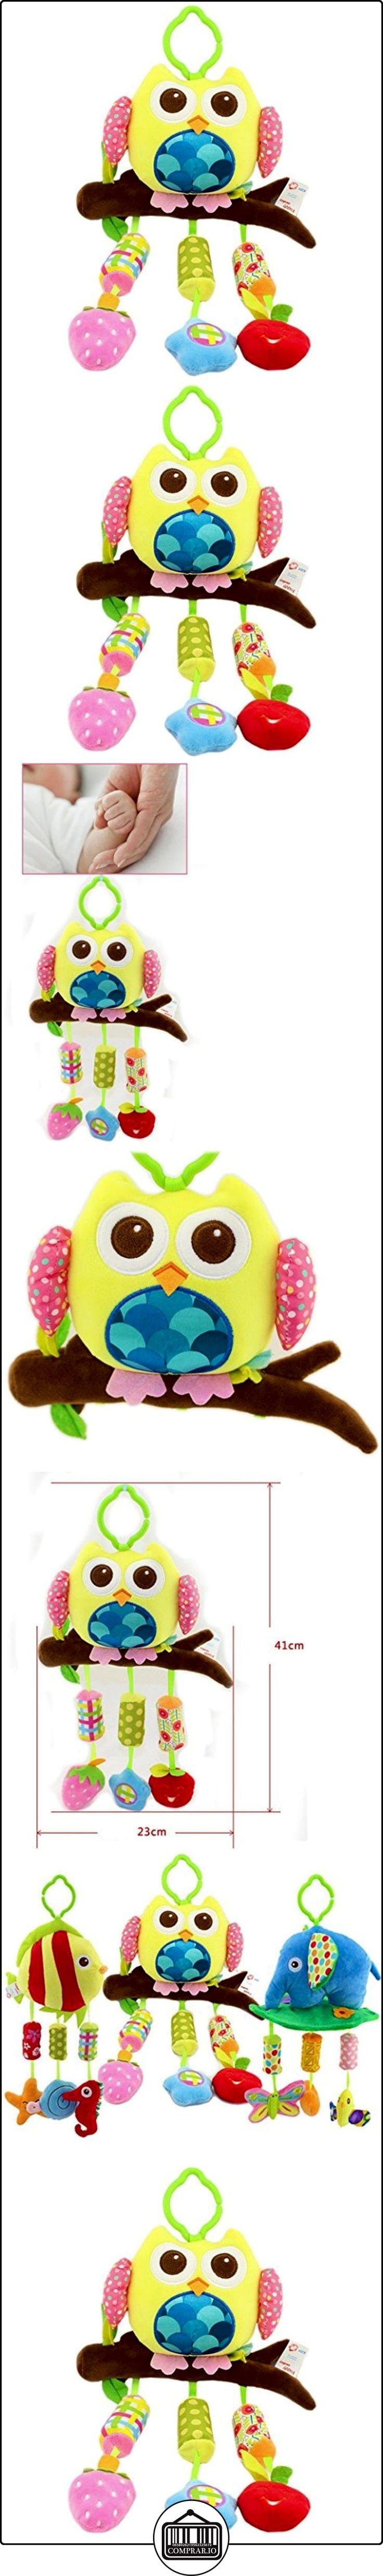 Happy Cherry Muñeca Sonajero Sonaja Colgante Juguete Juego Educativo Peluche de Animales Infantil para Bebés Recién Nacidos Niños Niñas Carrito Cochecito Cuna Infantil Multicolor - Buhó  ✿ Regalos para recién nacidos - Bebes ✿